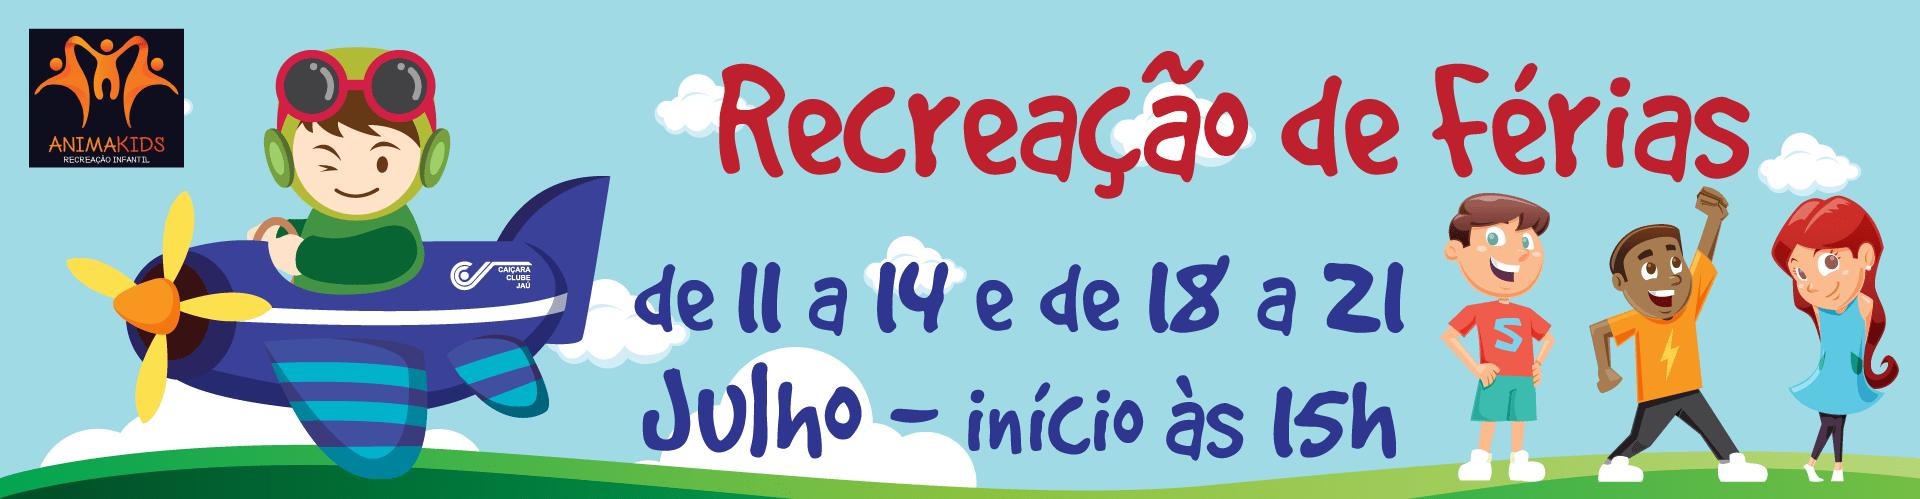 site_banner_recreanca_julho